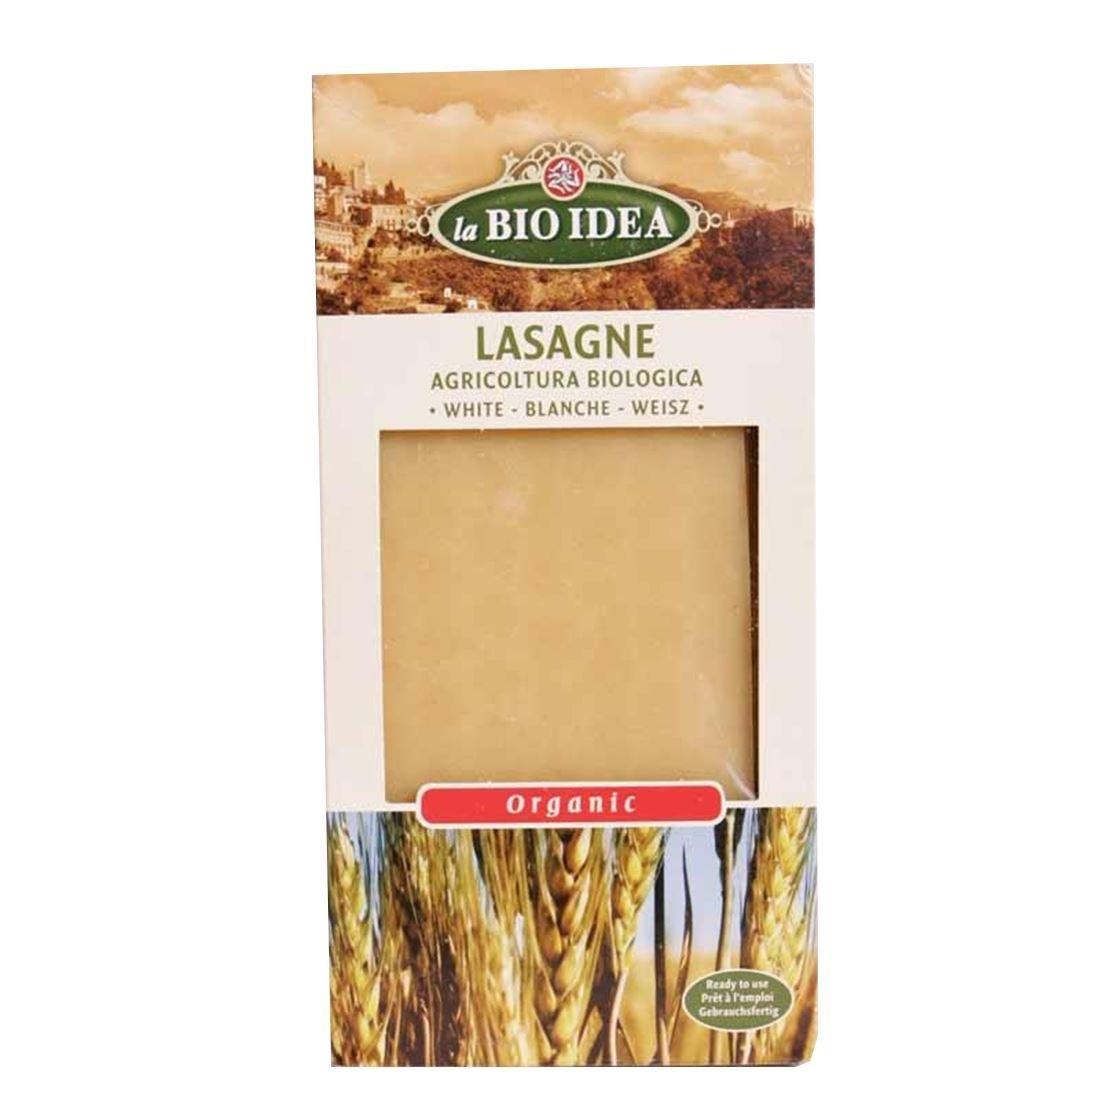 La Bio Idea | Lasagne | 6 x 250g